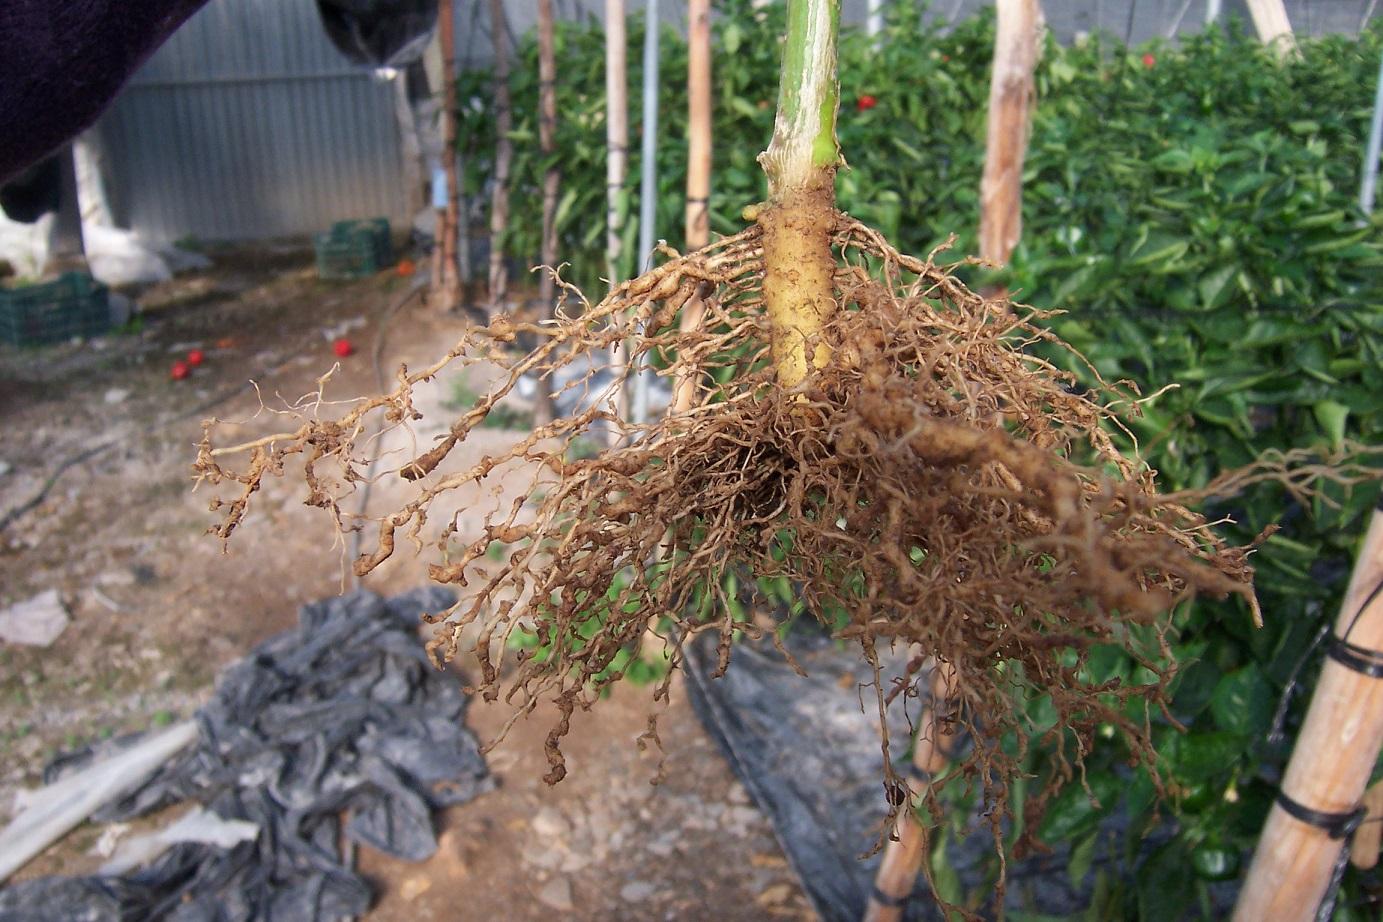 Nemátodos, una amenaza que tiene solución de forma ecológica